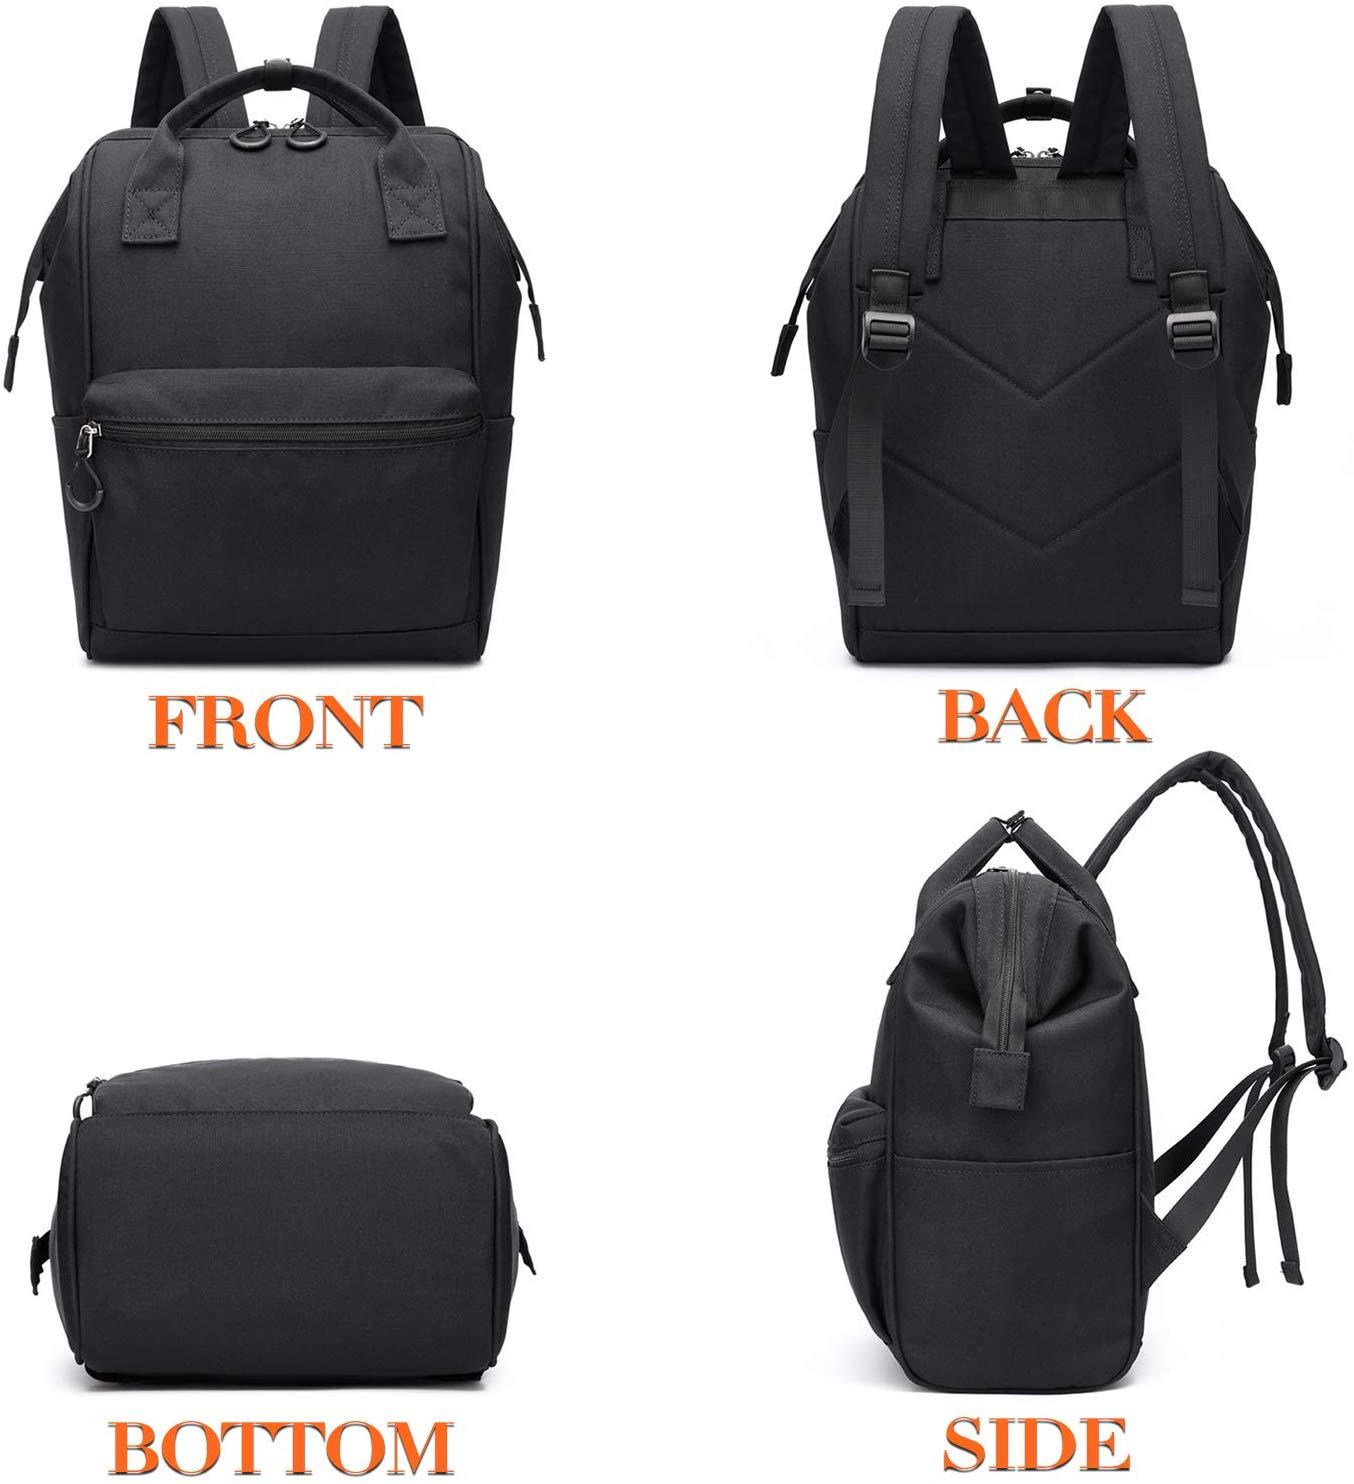 PriceList for Nylon Shoulder Bag - Lunch Bag Backpack Lightweight Insulated Large Opening Backpack Cooler Leak-Proof Soft Cooler Bag Large Capacity for Picnics – Twinkling Star